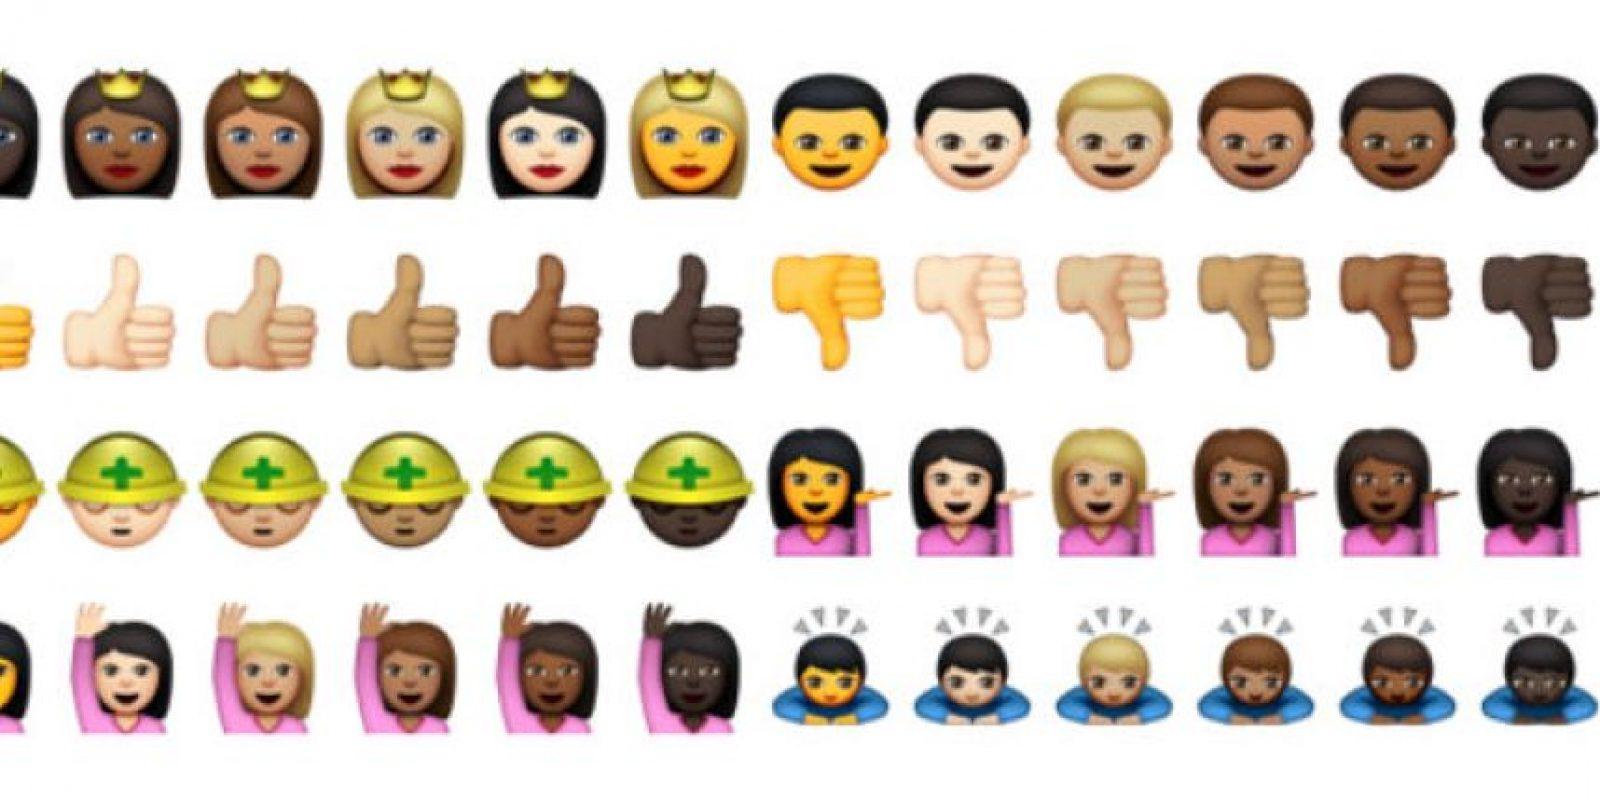 Estos son algunos de los emojis disponibles desde hoy para Yosemite de Apple. Foto:Emojipedia